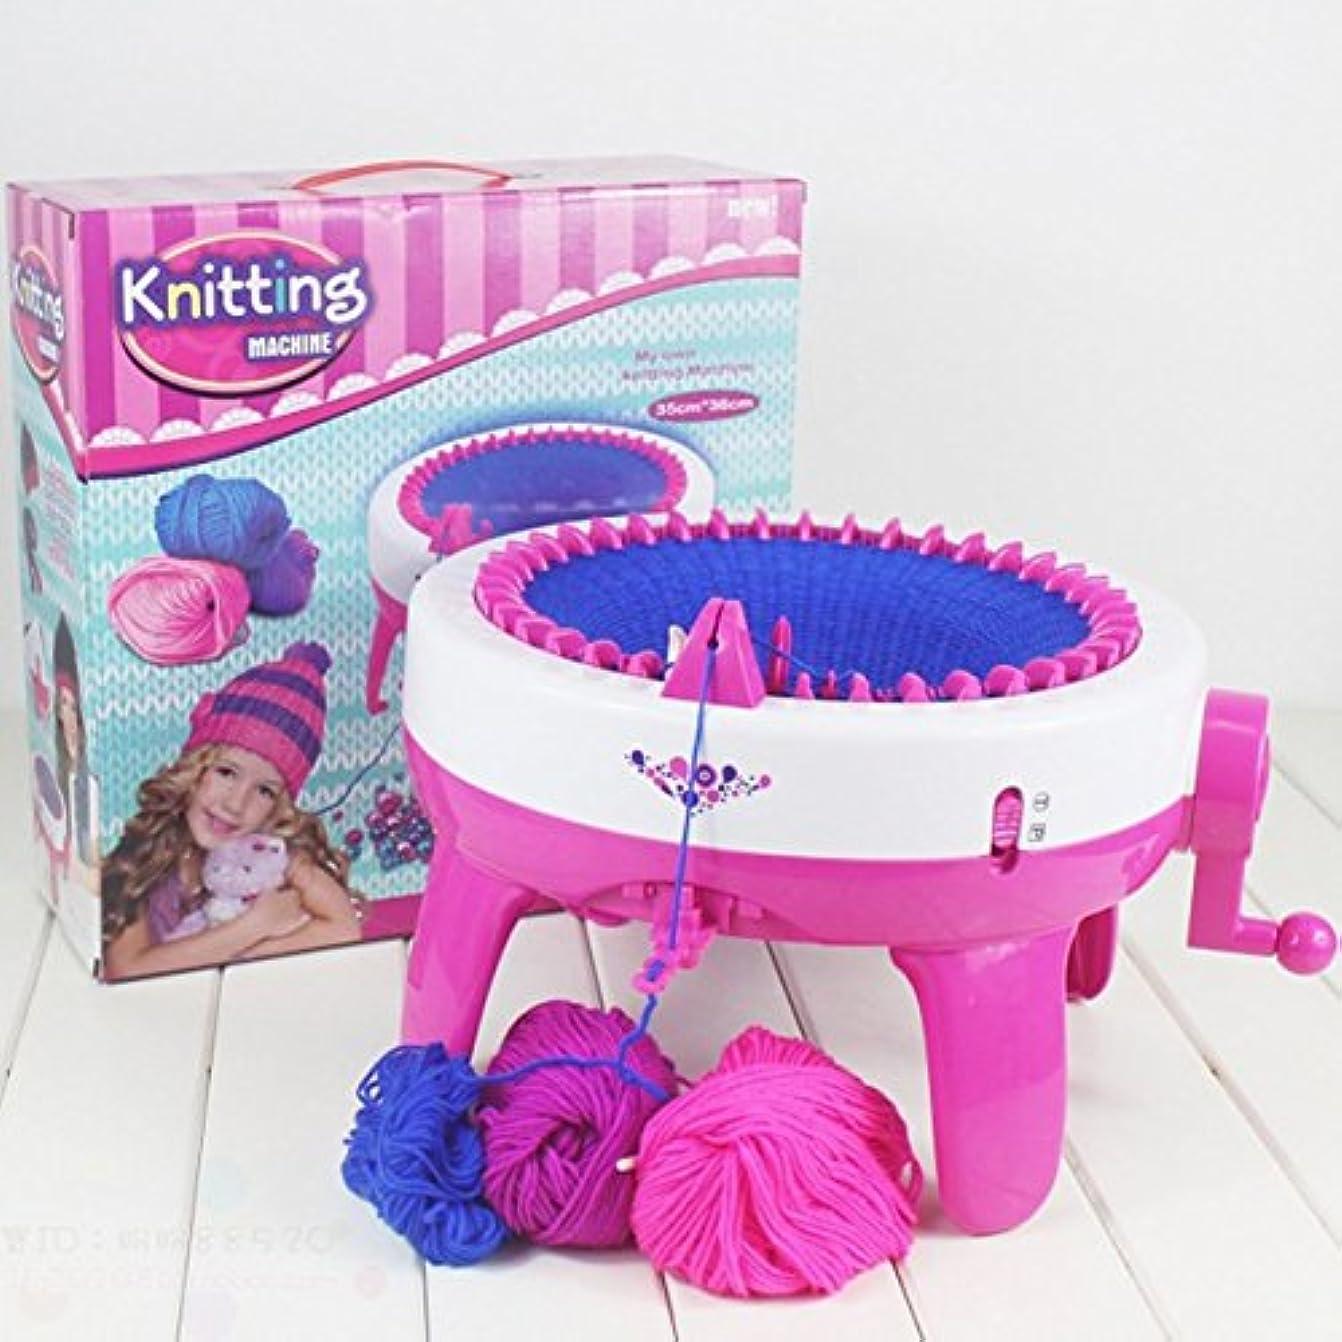 ふける商標冗談でSaikogoods おかしいデザイン子供女の子編機DIYマニュアル帽子スカーフ編み機ニットセーターのおもちゃ子供のための ピンク&ホワイト